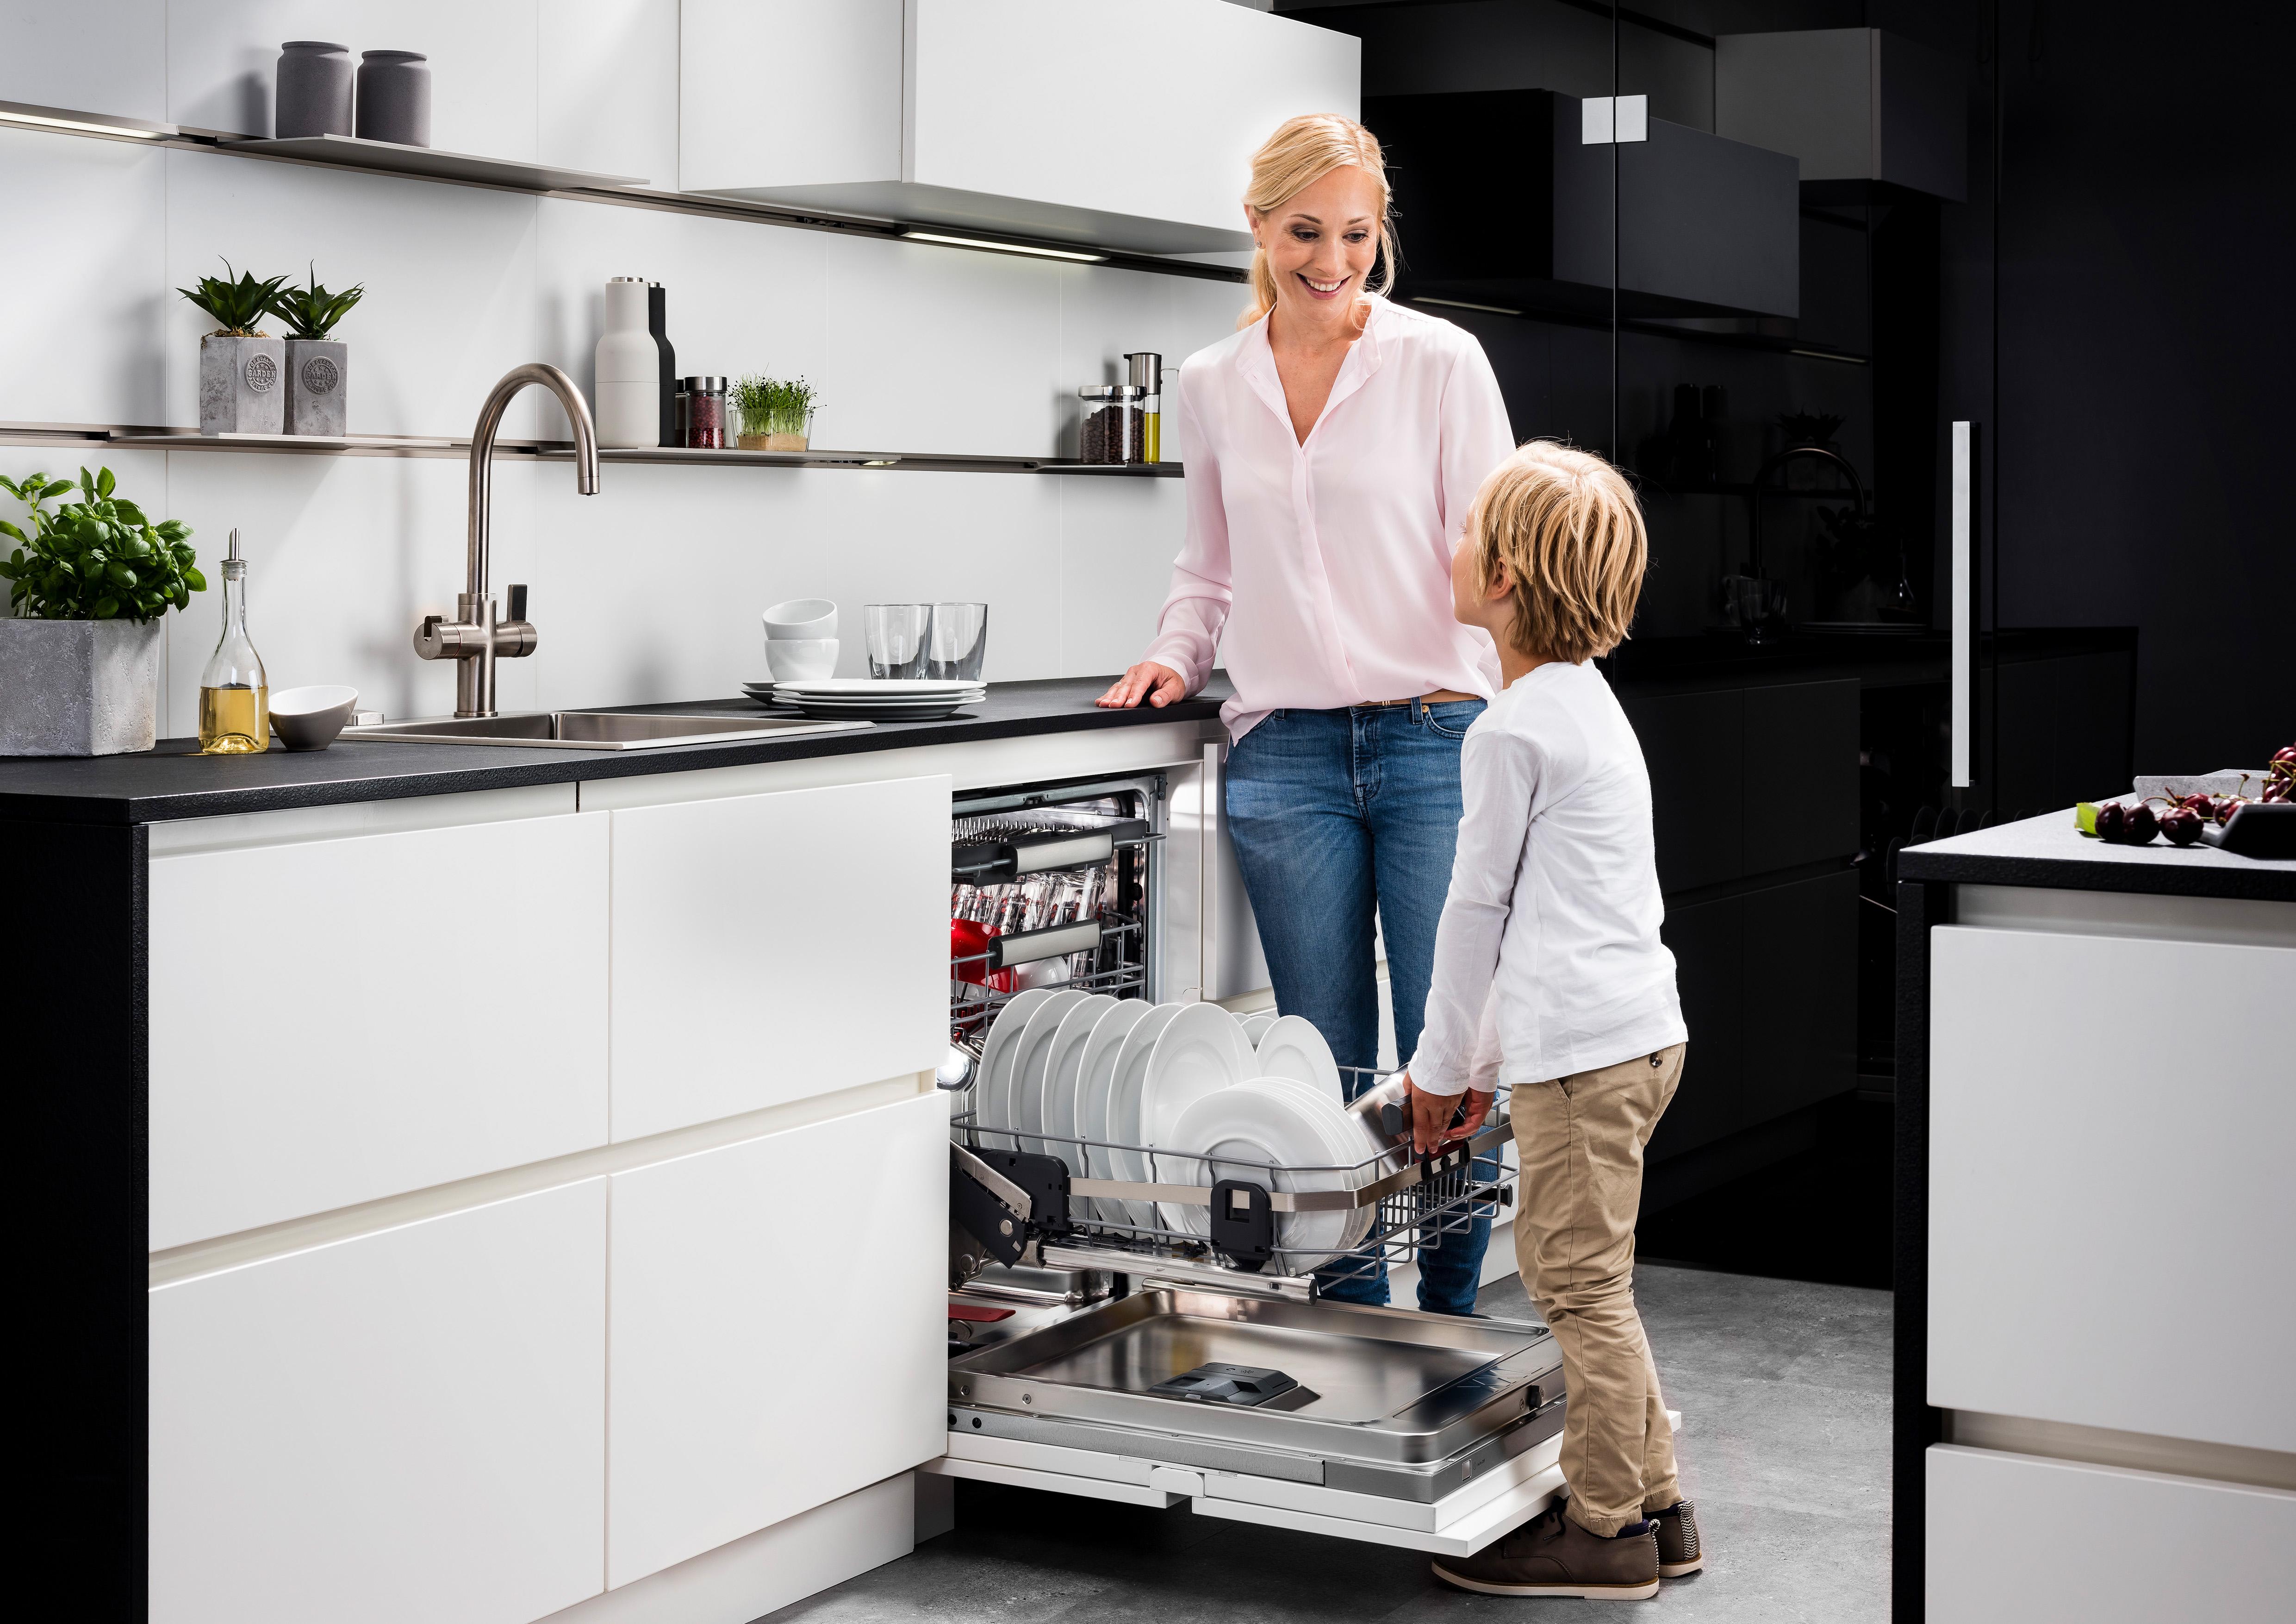 Geschirrspüler: energieeffizient & komfortabel - AMK